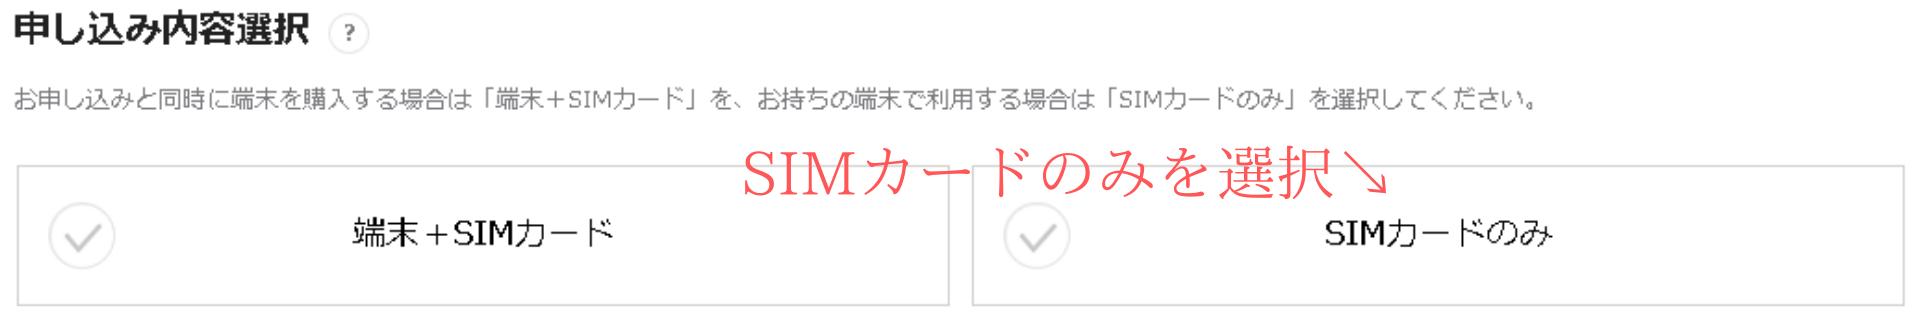 LINEモバイルにSIMカードのみ申し込む